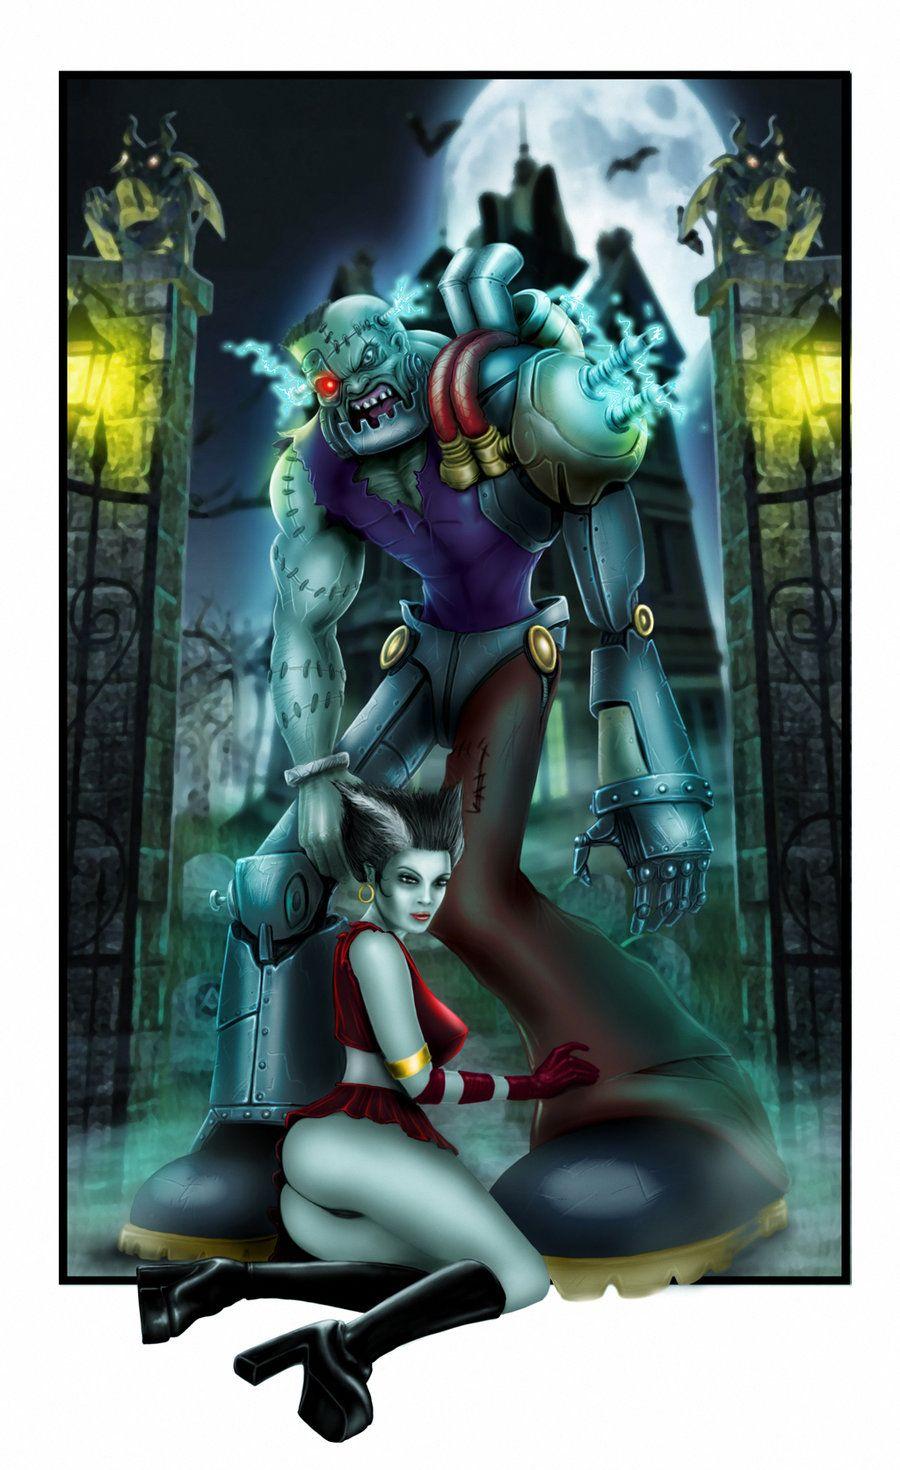 bride of frankenstein artwork deviant | Frankenstein and His Bride by MrWills